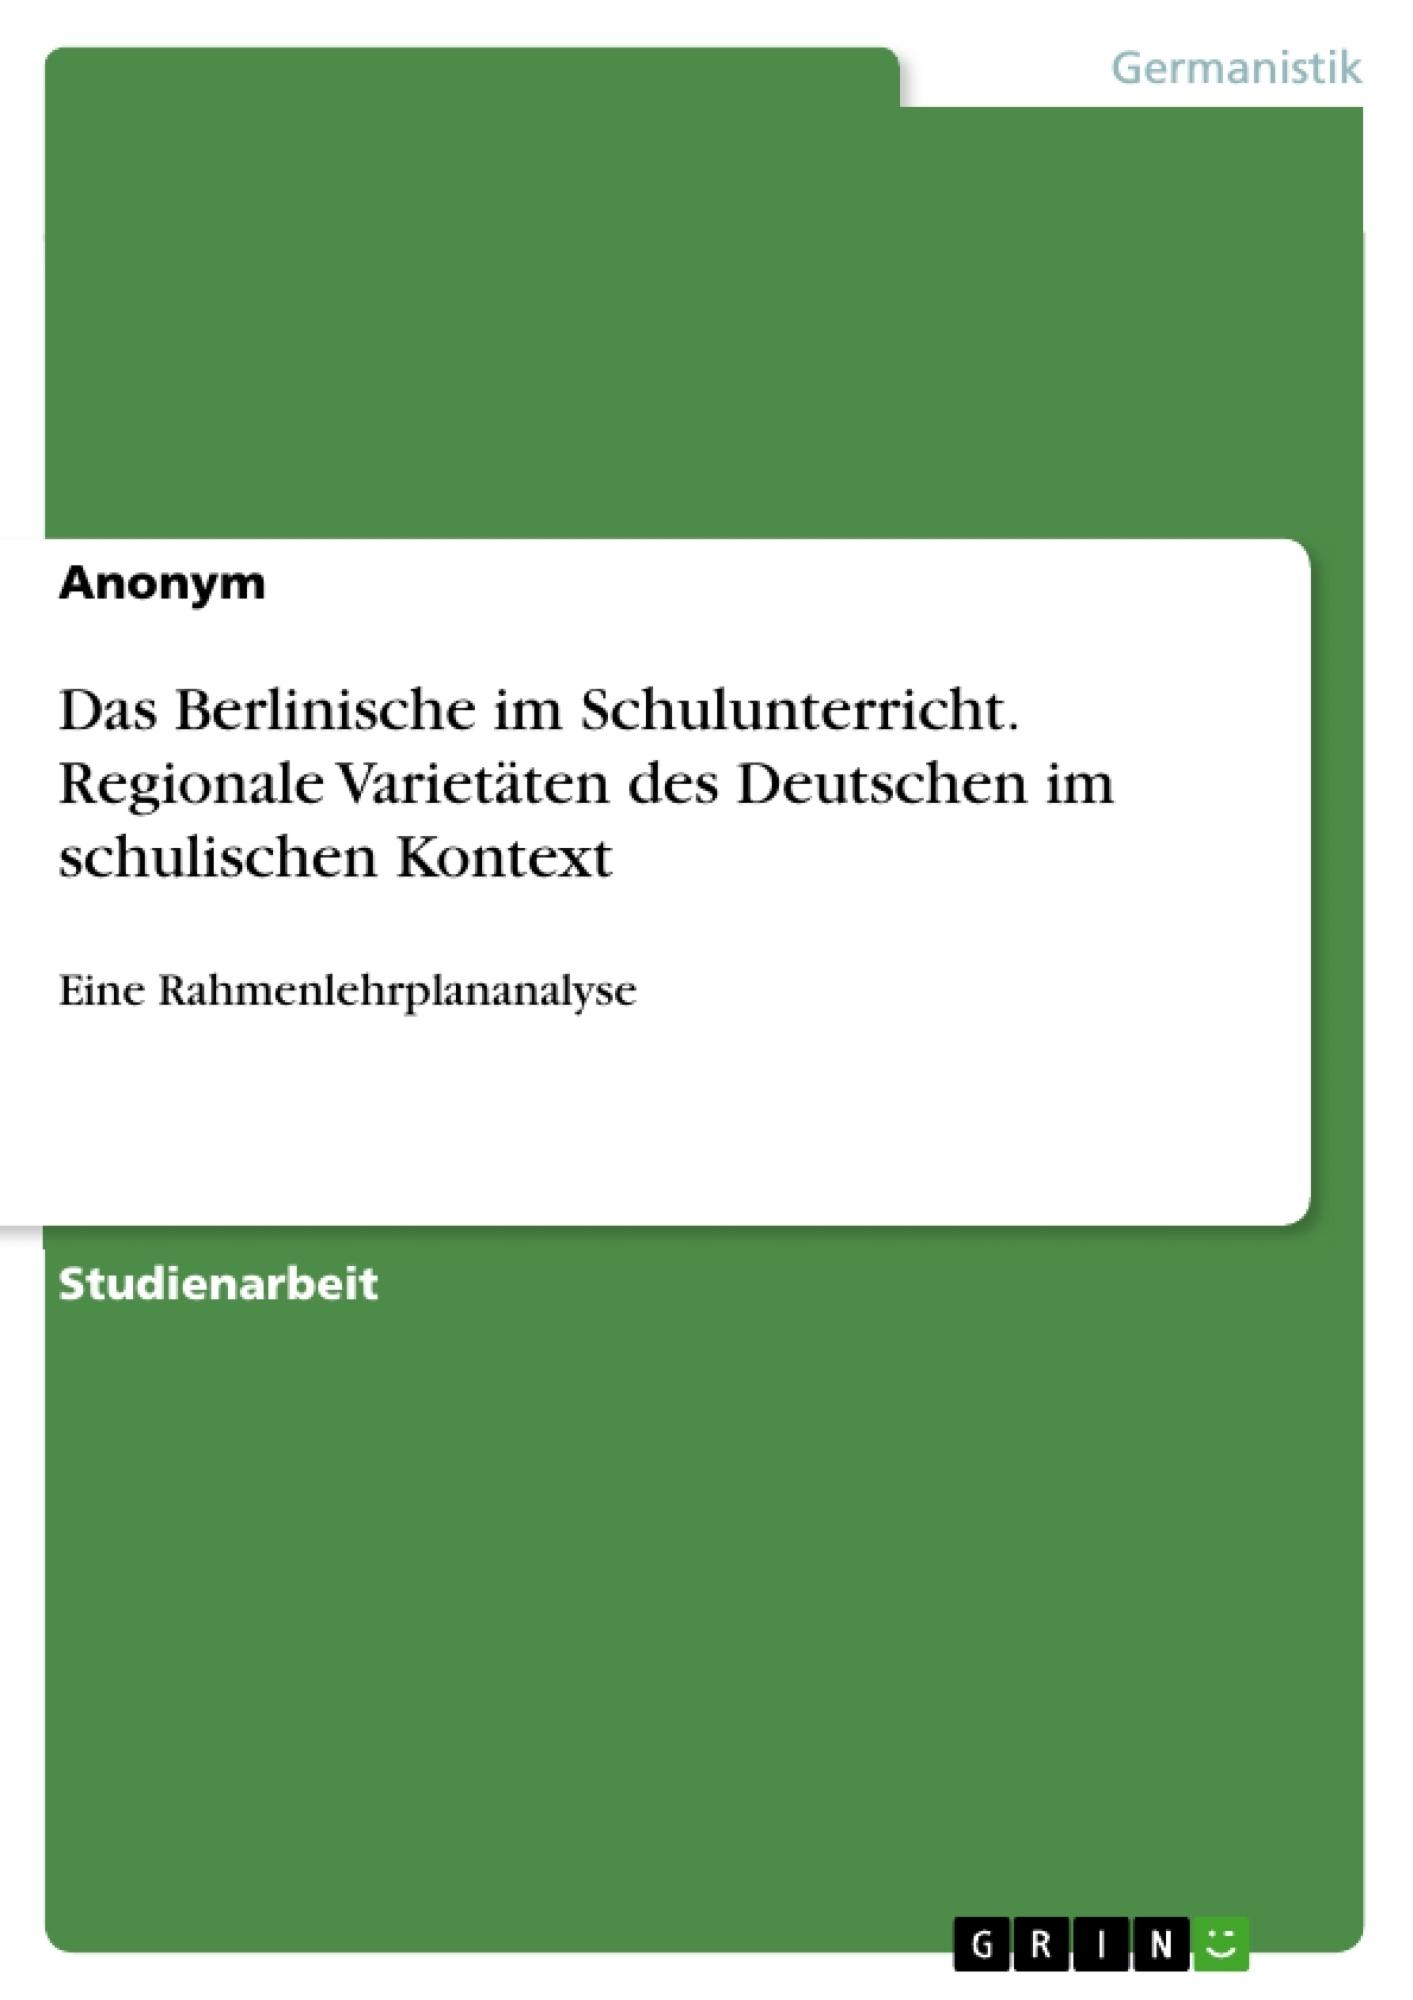 Titel: Das Berlinische im Schulunterricht. Regionale Varietäten des Deutschen im schulischen Kontext